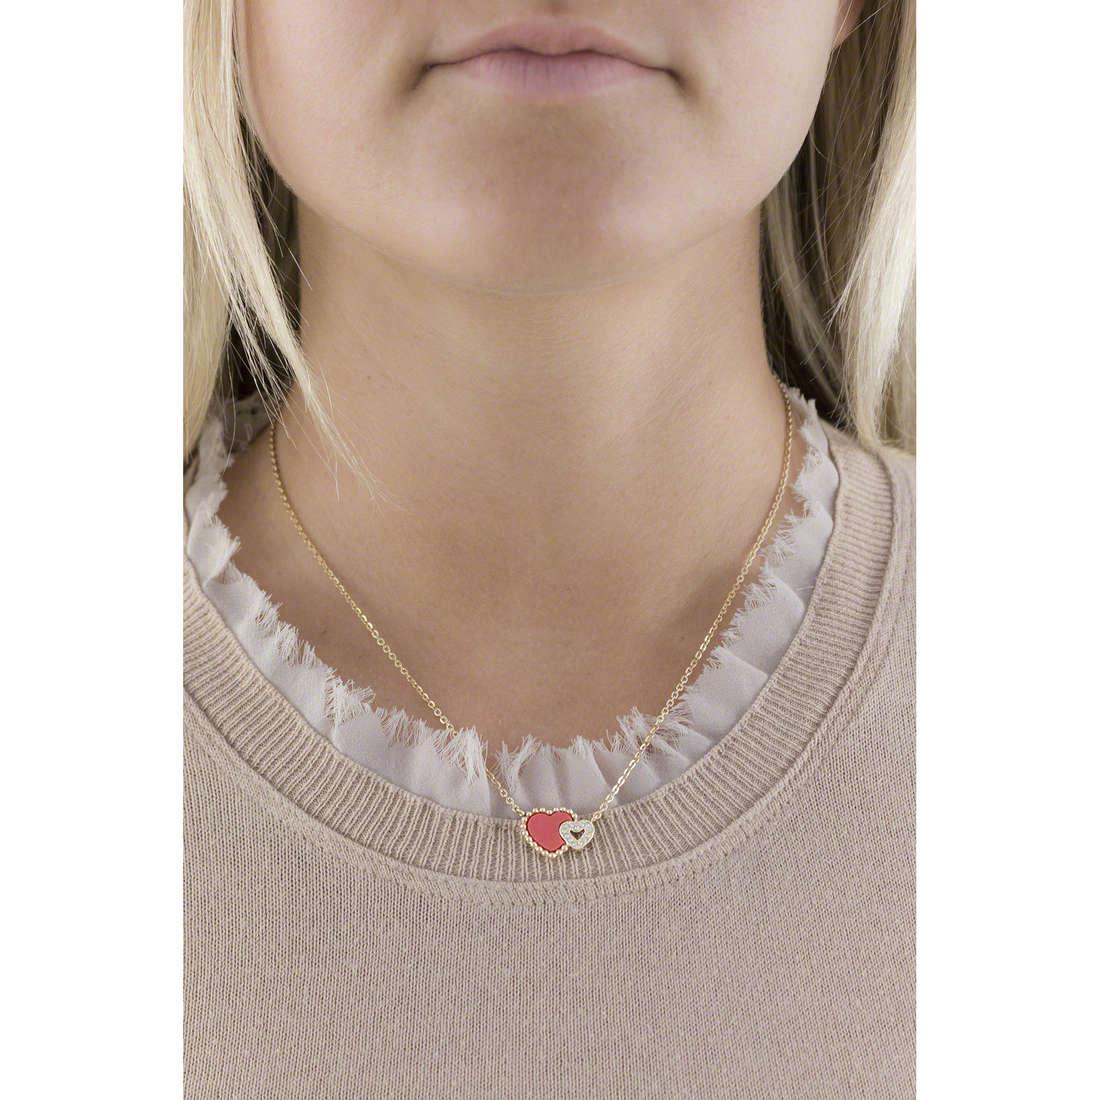 Morellato colliers Sempreinsieme femme SAGF03 indosso